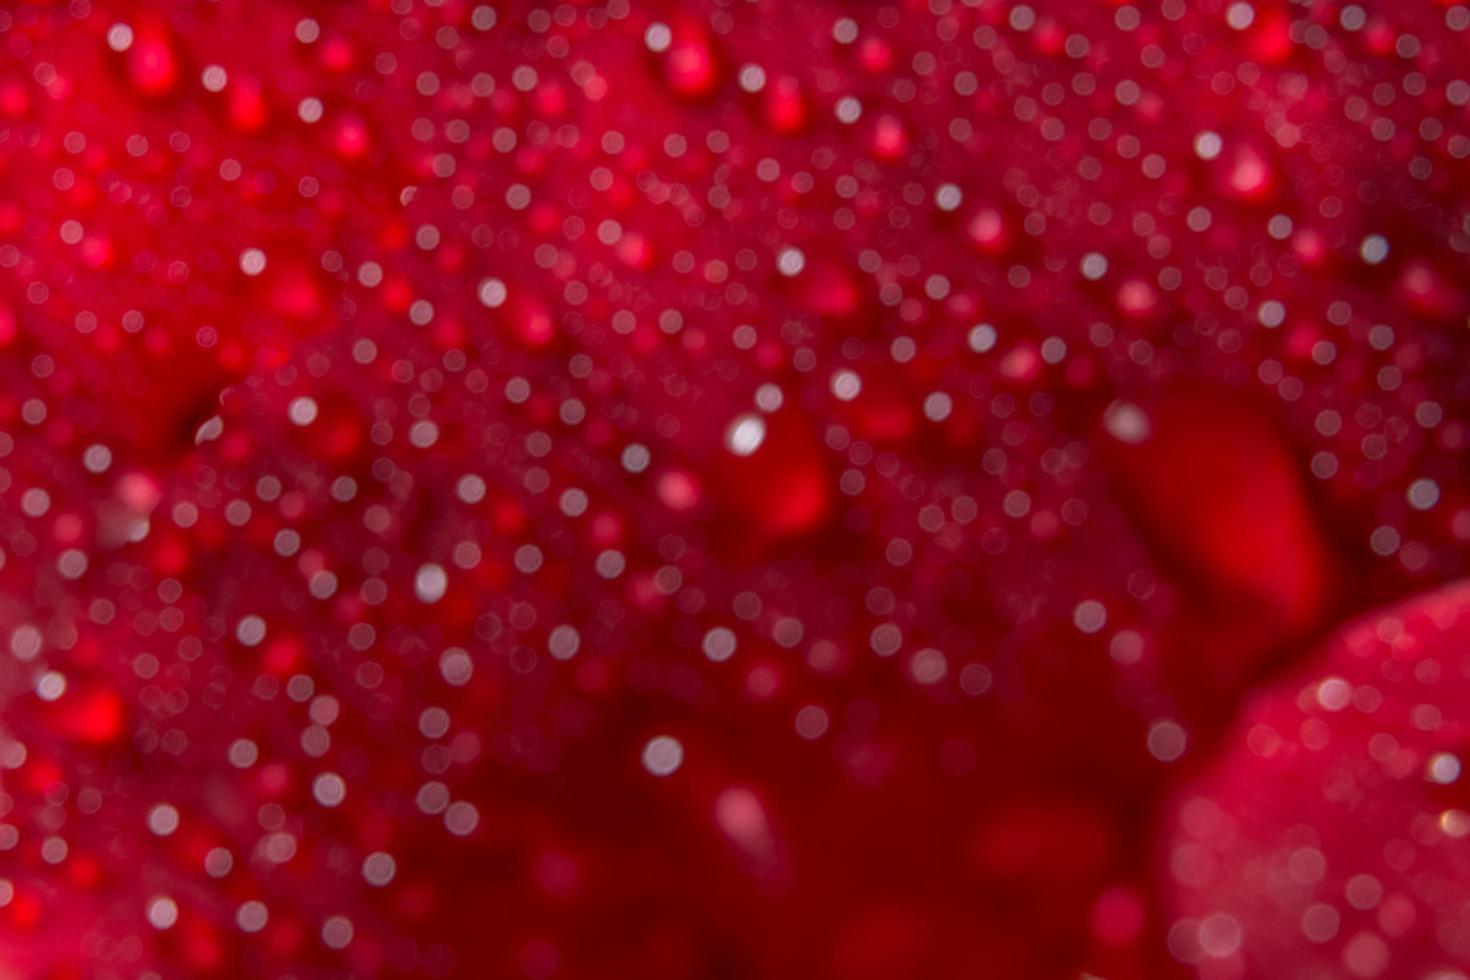 Wassertropfen auf einer roten Rose, unscharfer Hintergrund foto